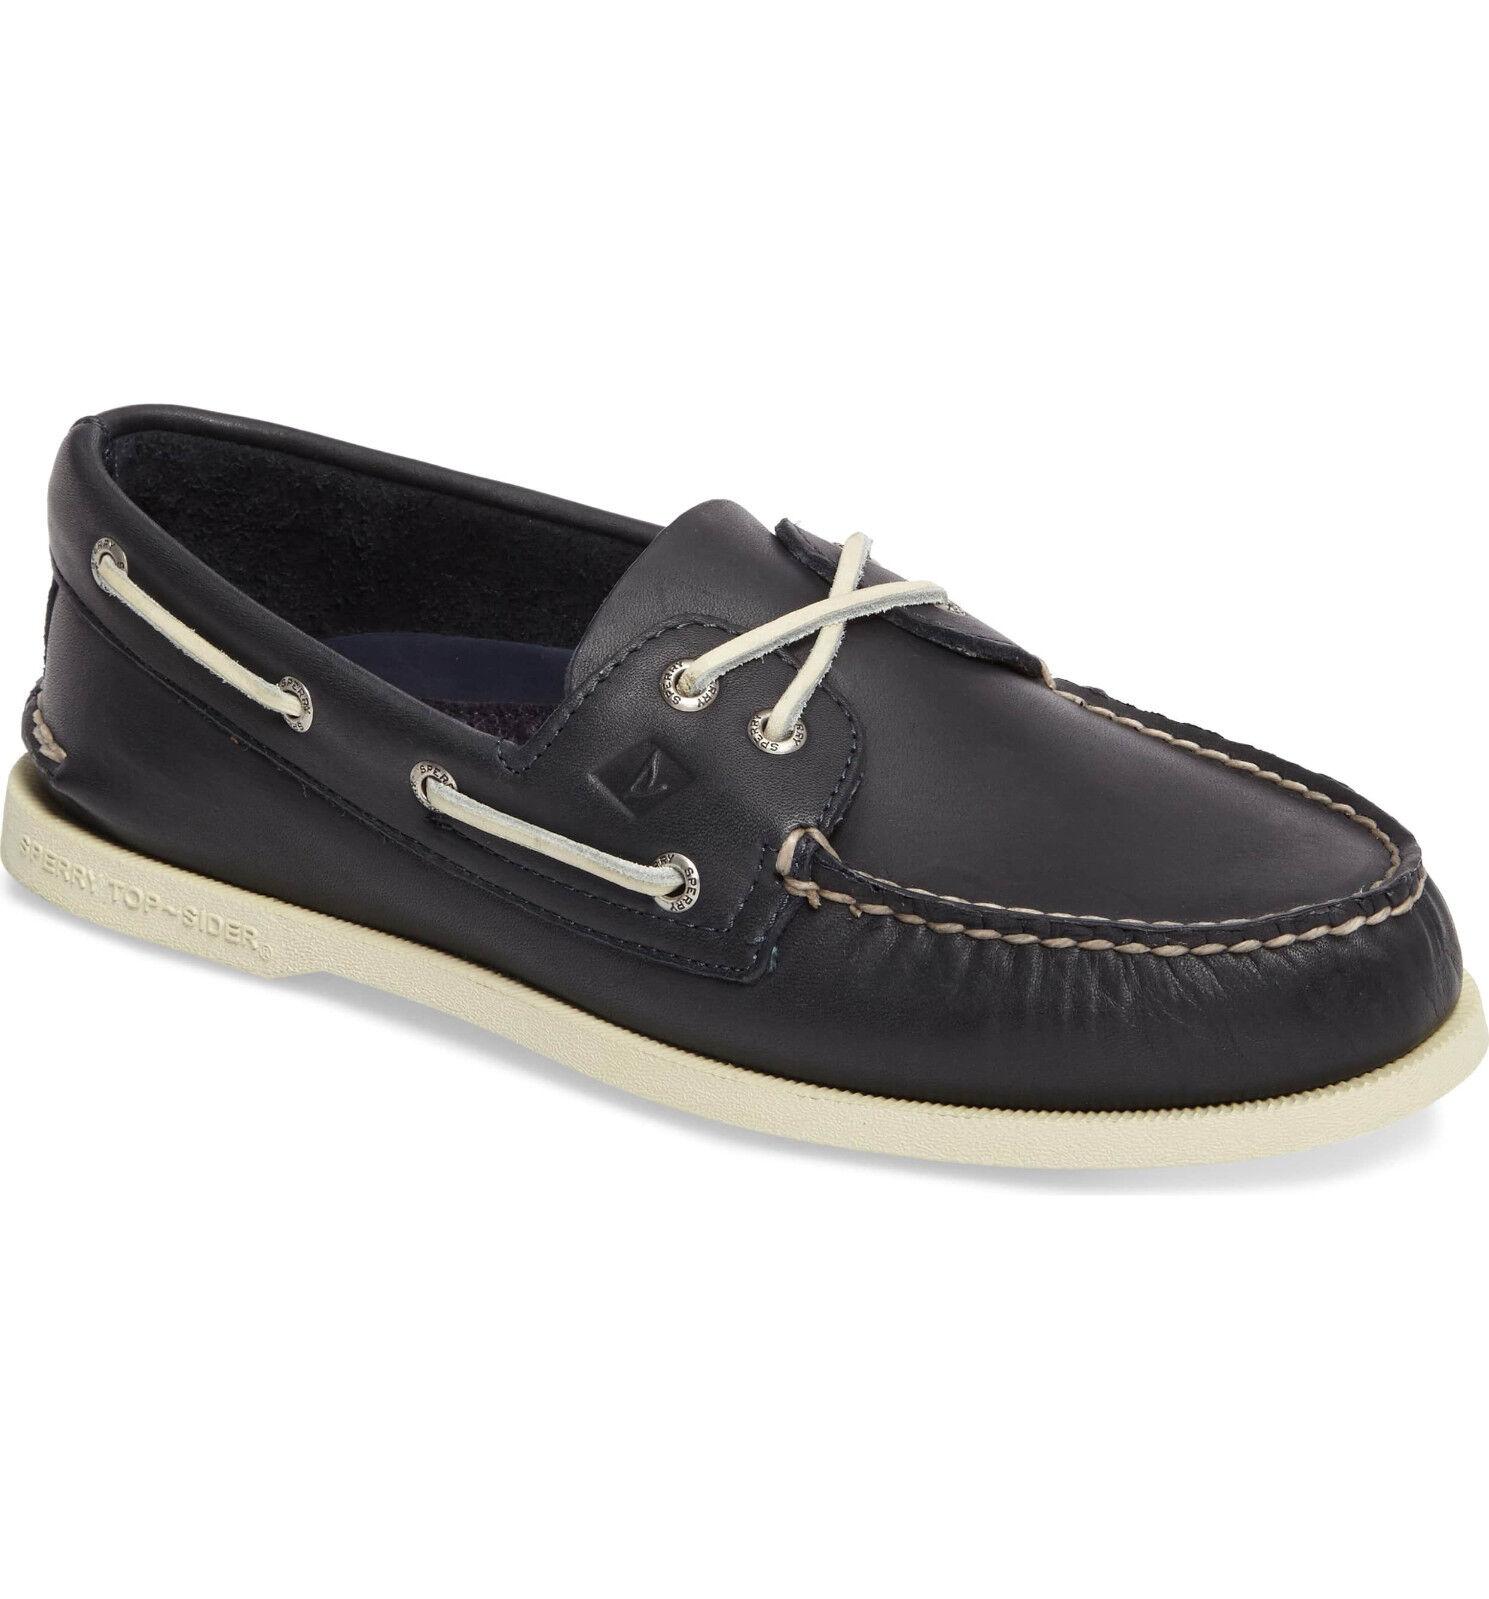 SPERRY Men's Authentic Original Boat shoes,Navy, US Size 12 M